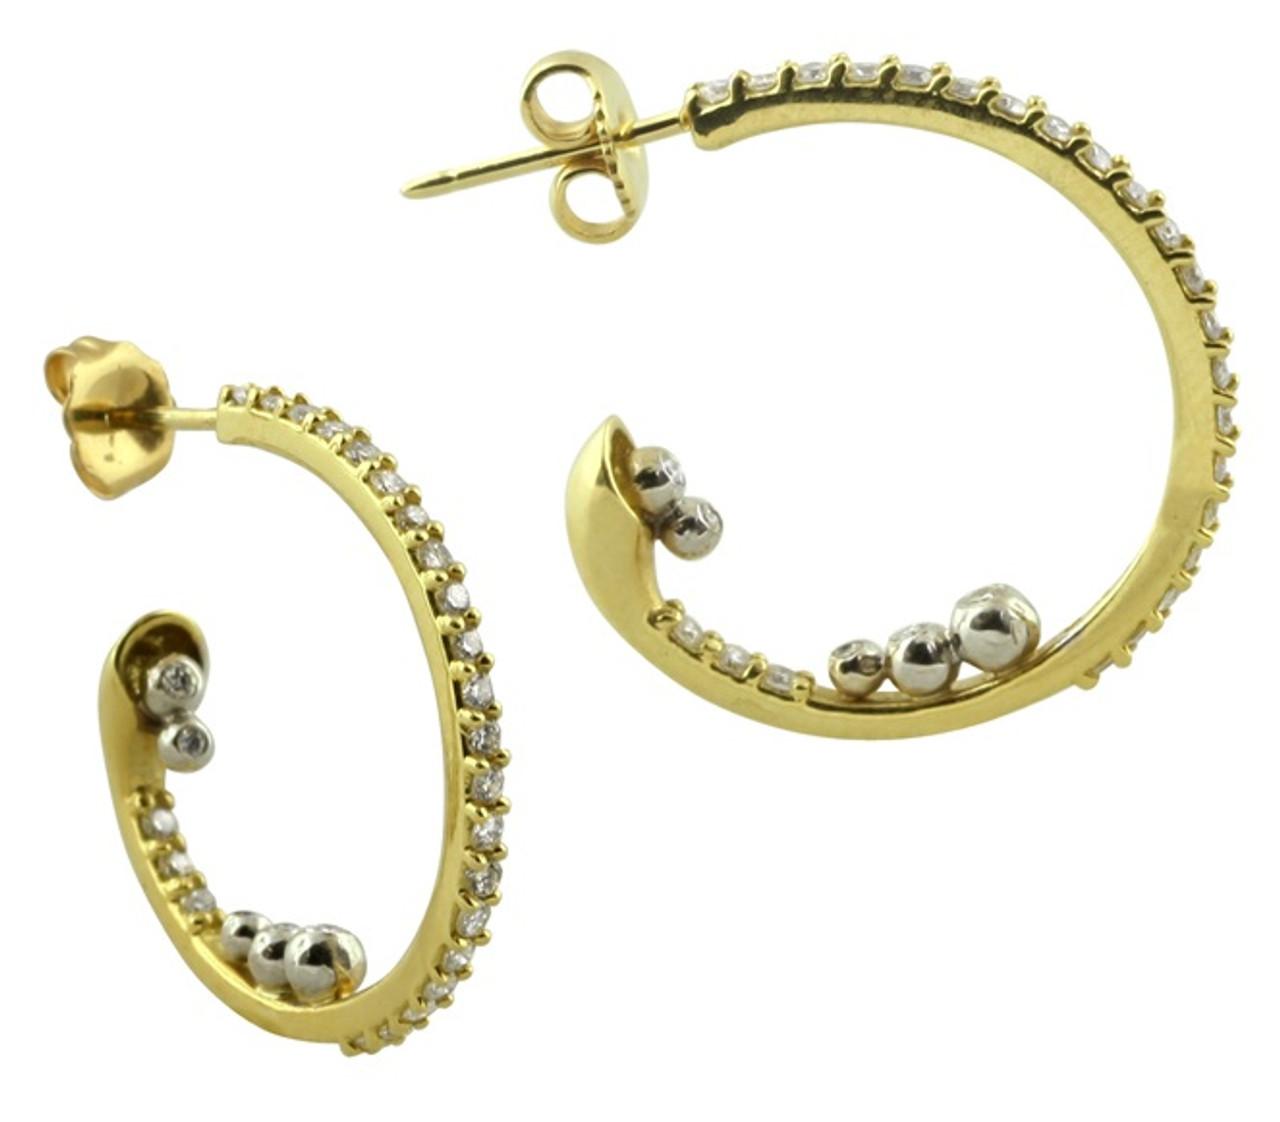 Abundance Hoop-18k gold with Diamonds in an abundance overflow